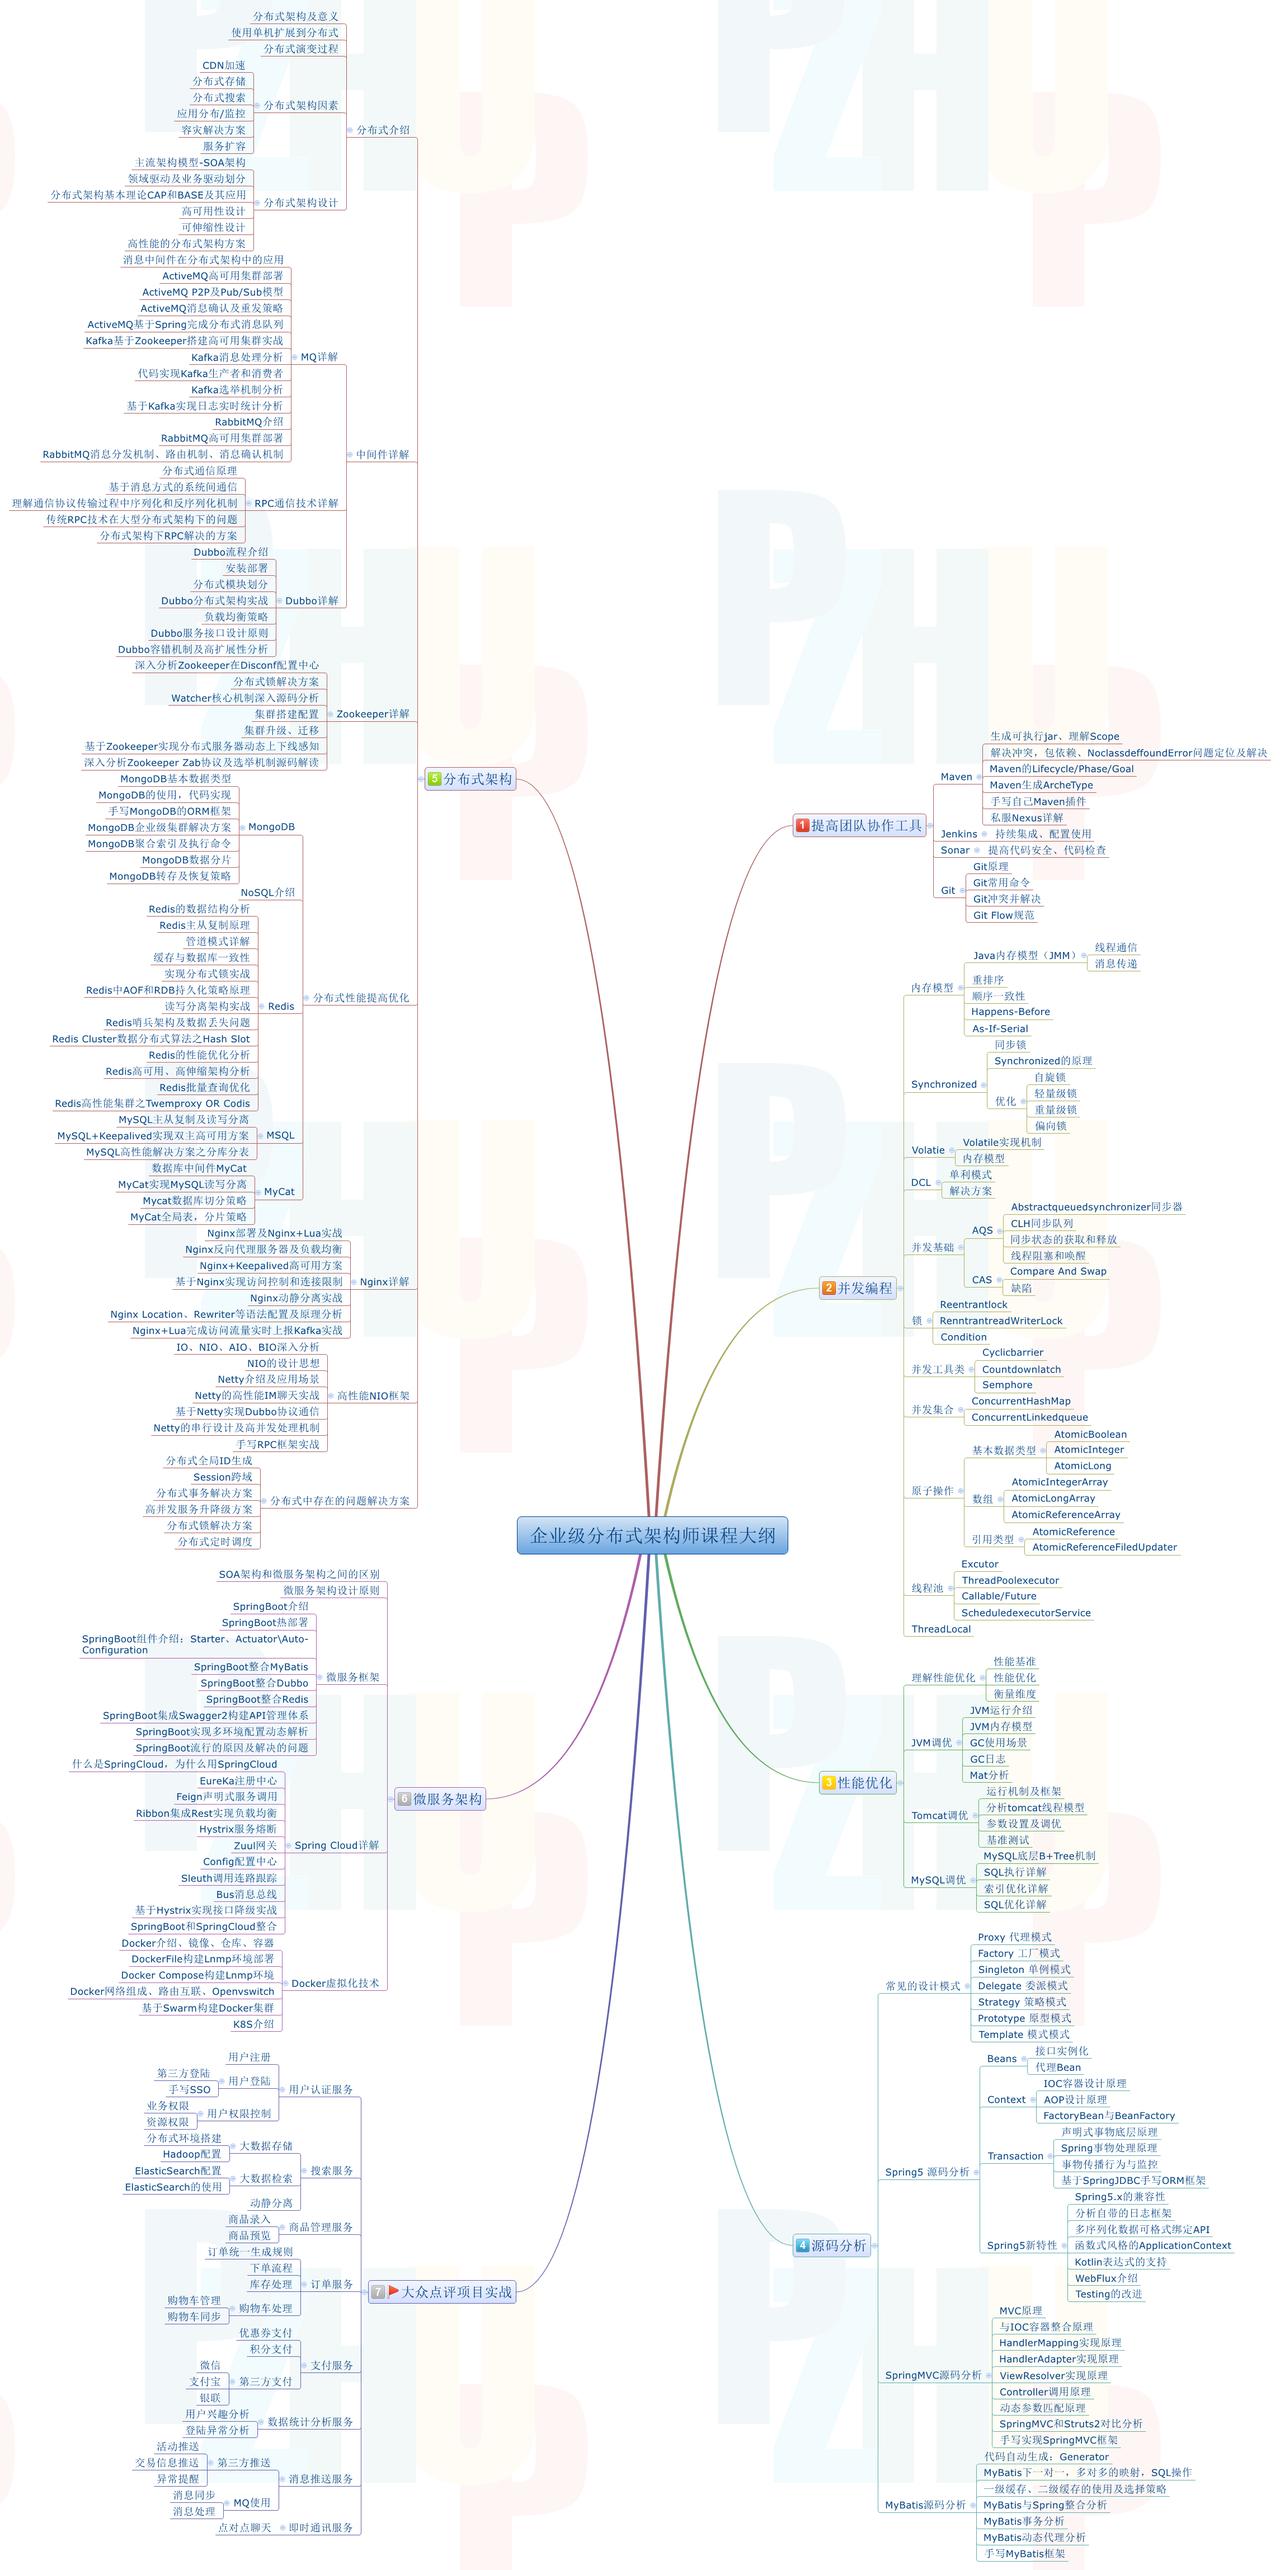 乐强架构学习资料.png